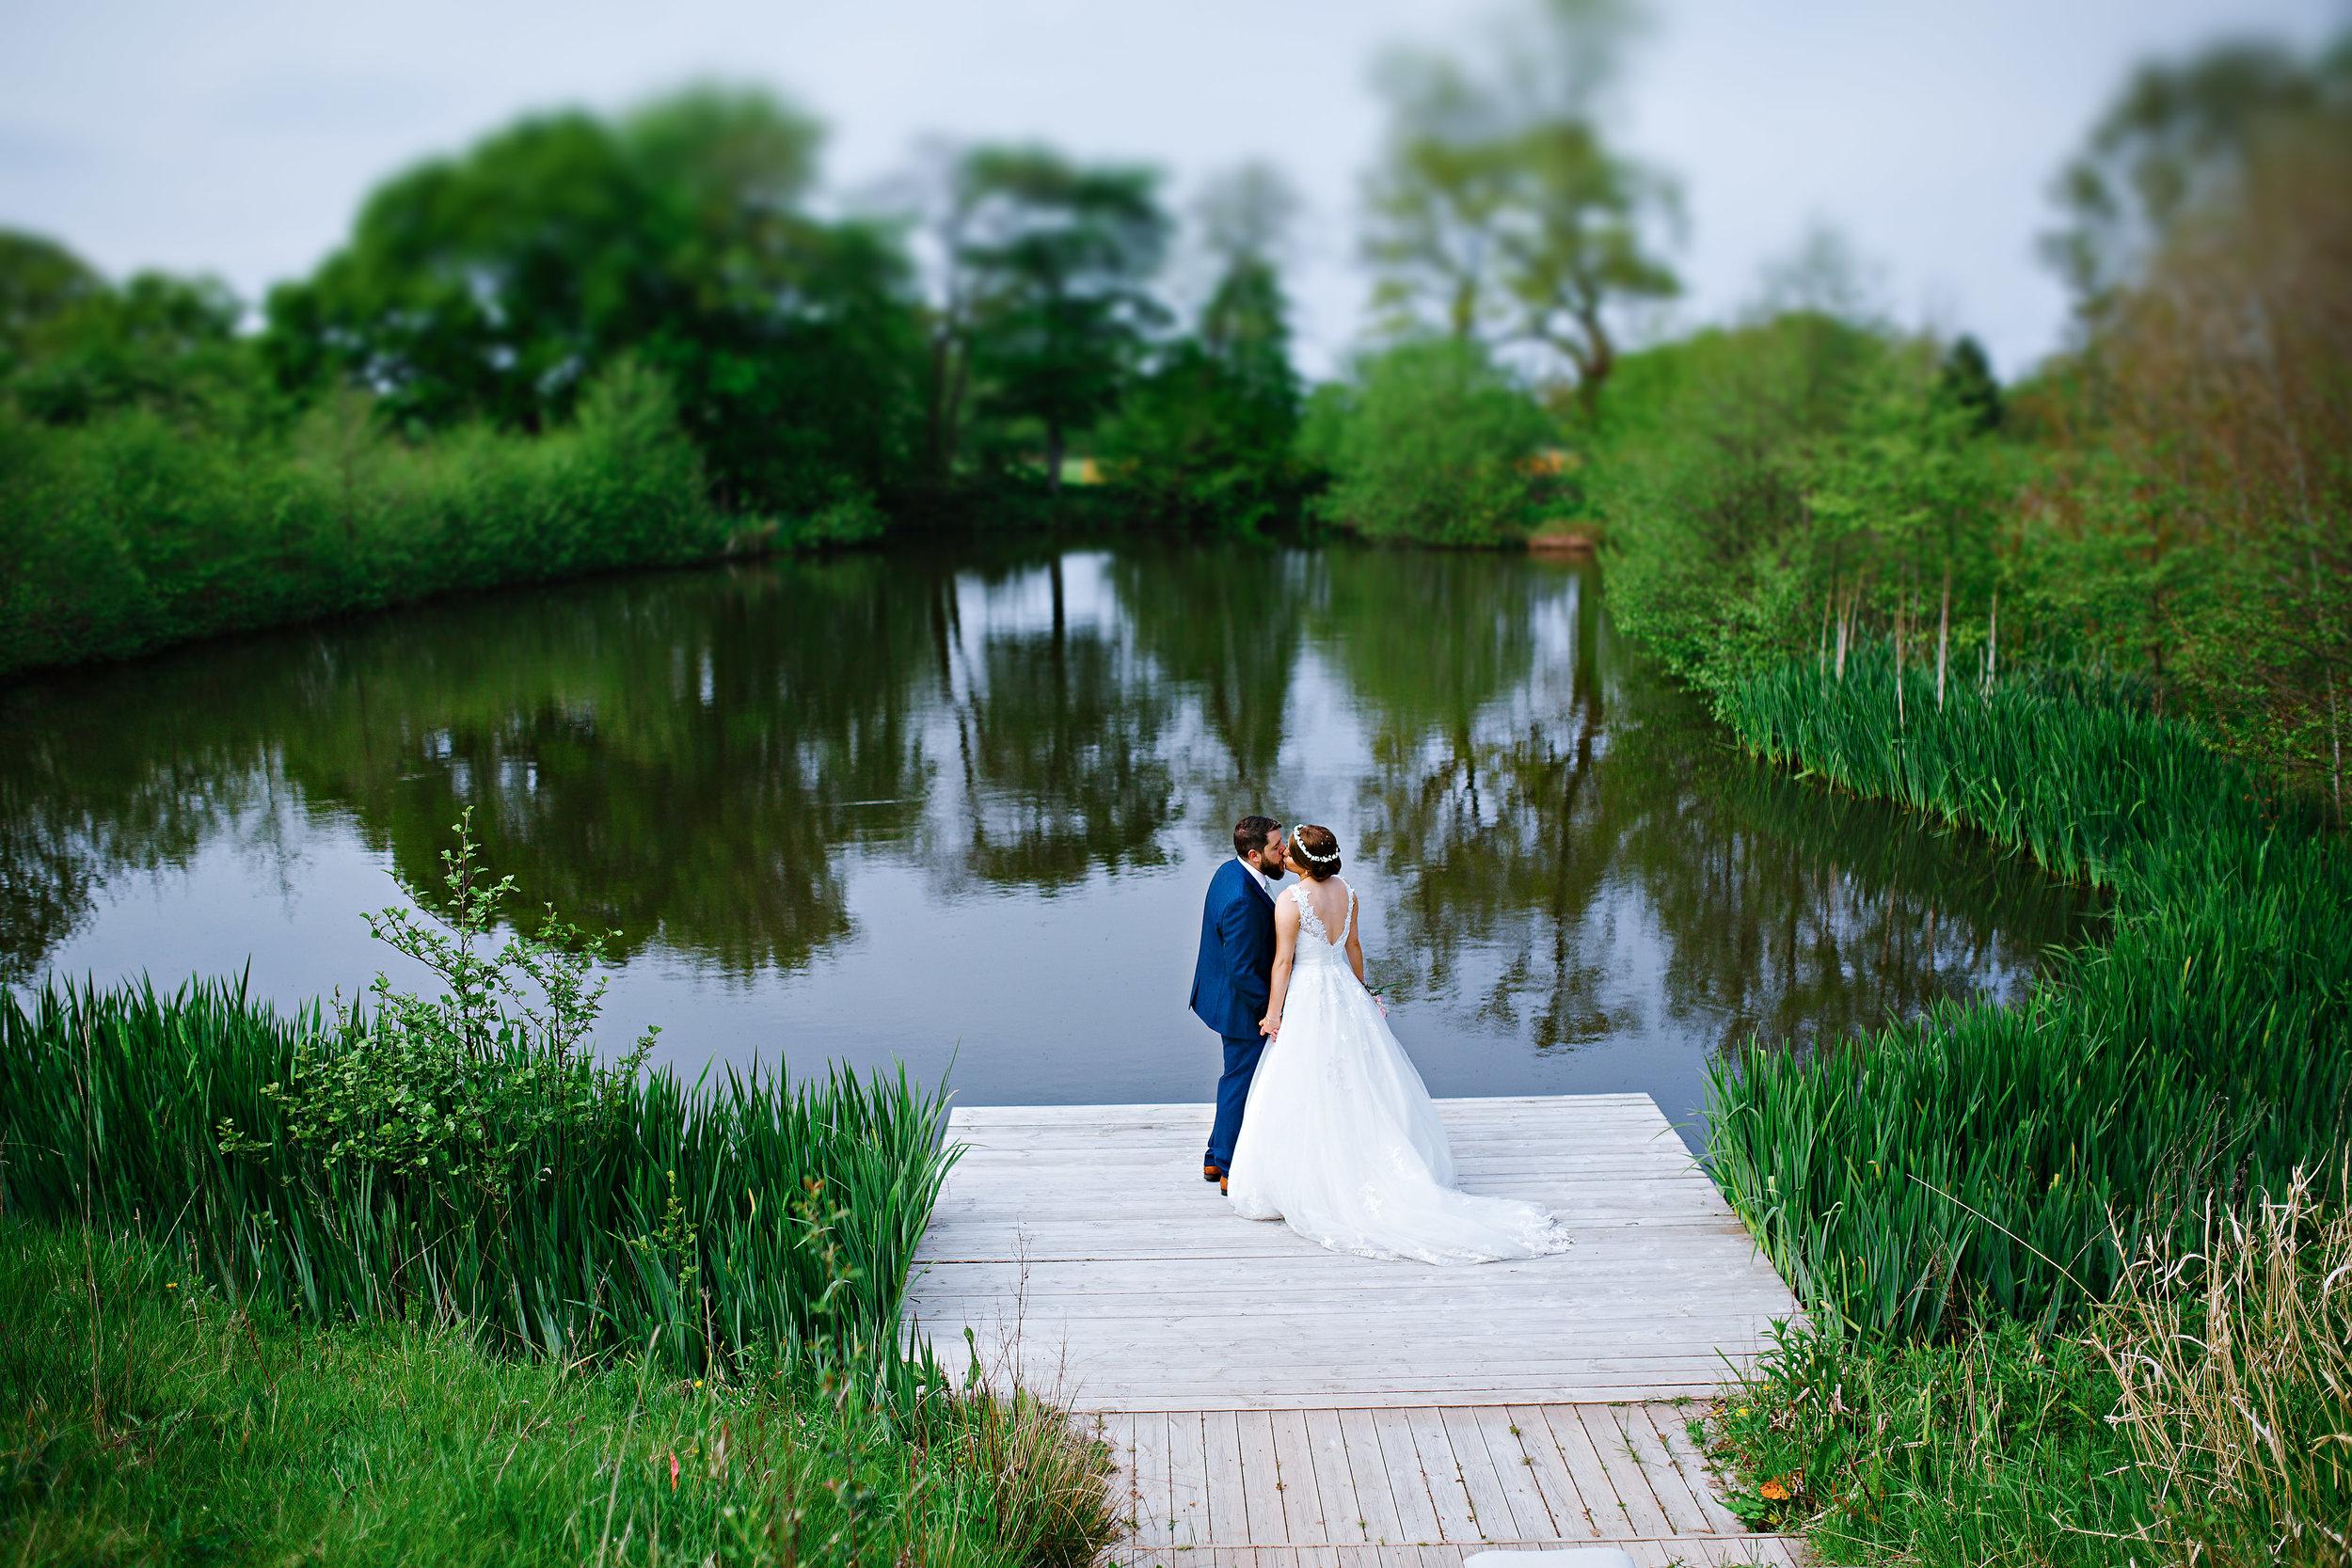 Somerset Wedding Photographer Styal Lodge Wedding Lucy and Lee Benecke 355.jpg